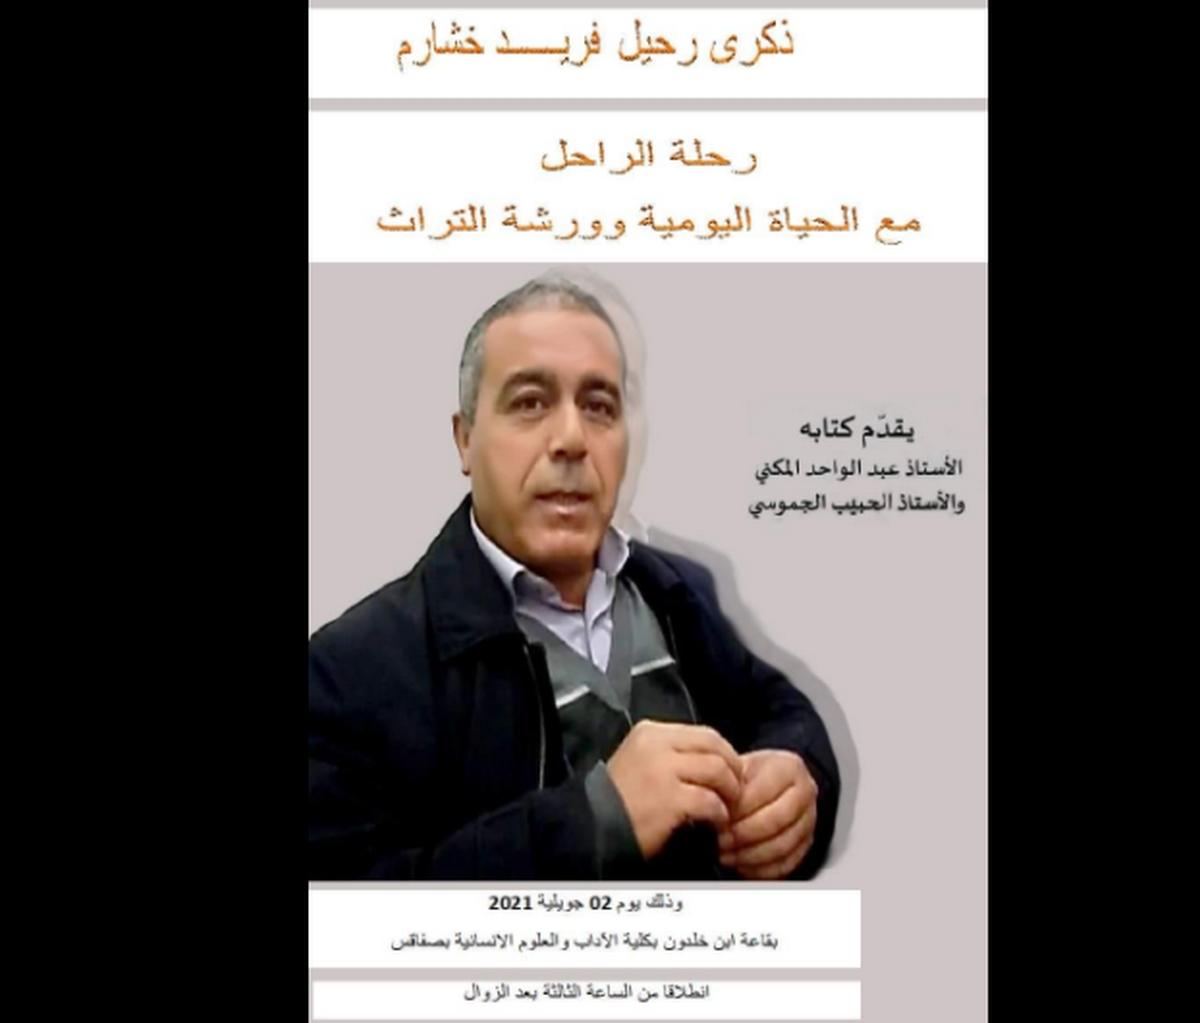 صفاقس : تقديم كتاب الراحل فريد خشارم بكلية الآداب